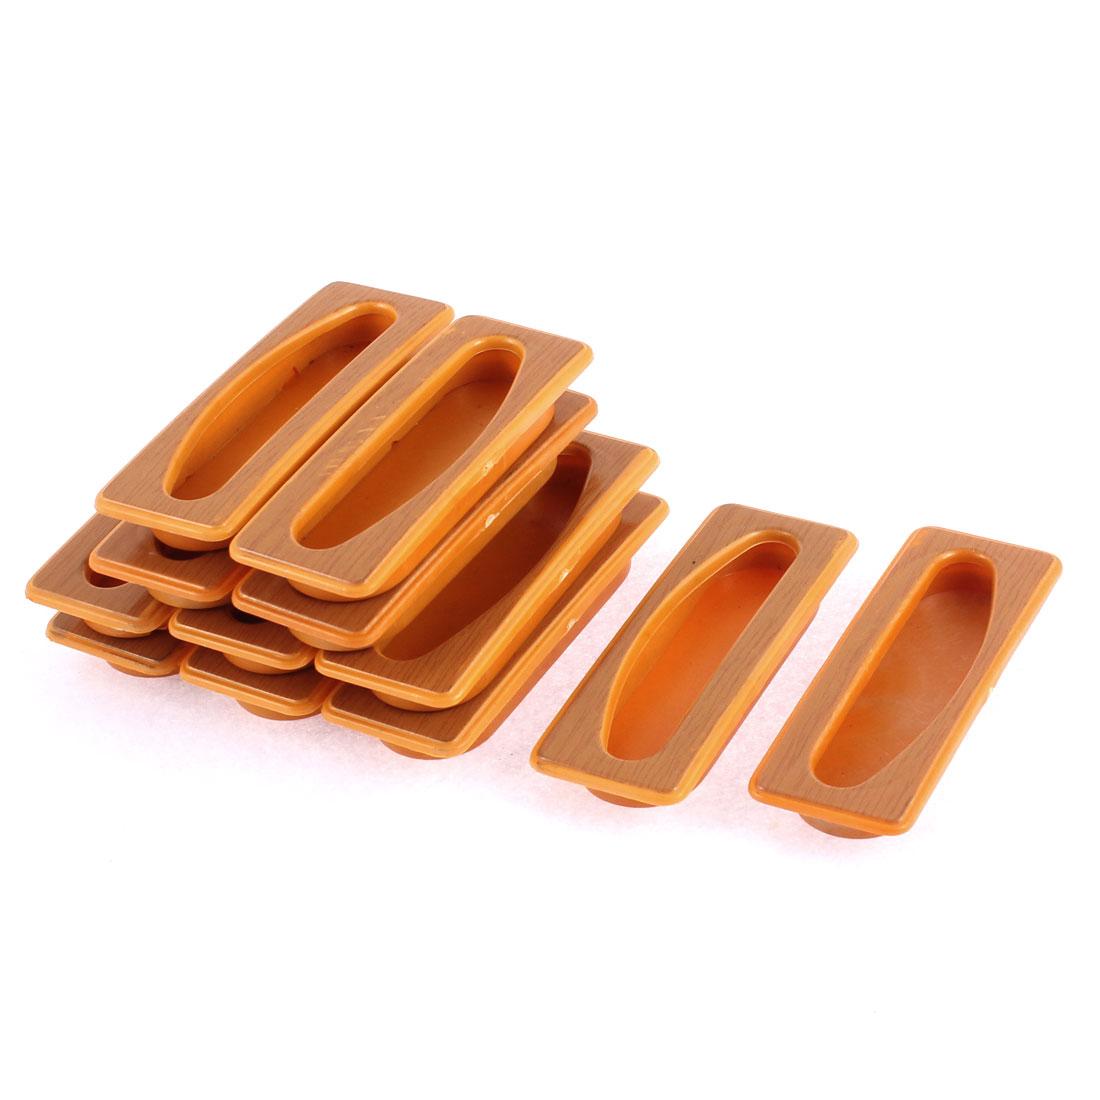 Furniture Cupboard Plastic Recessed Flush Pull Handle 12pcs